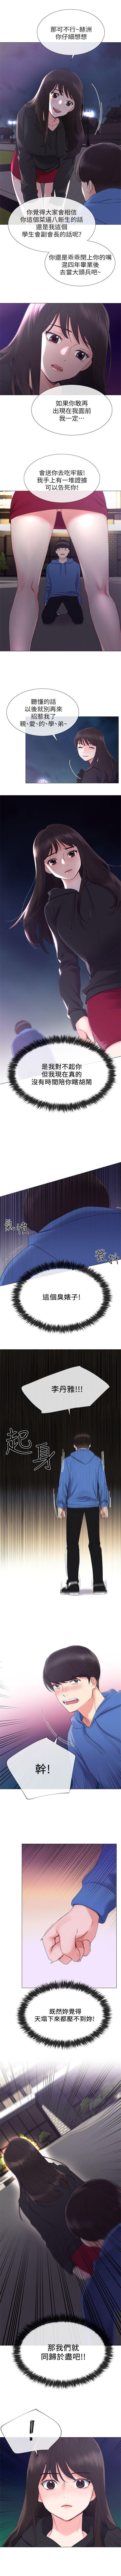 重考生 1-44 中文翻译(更新中) 47